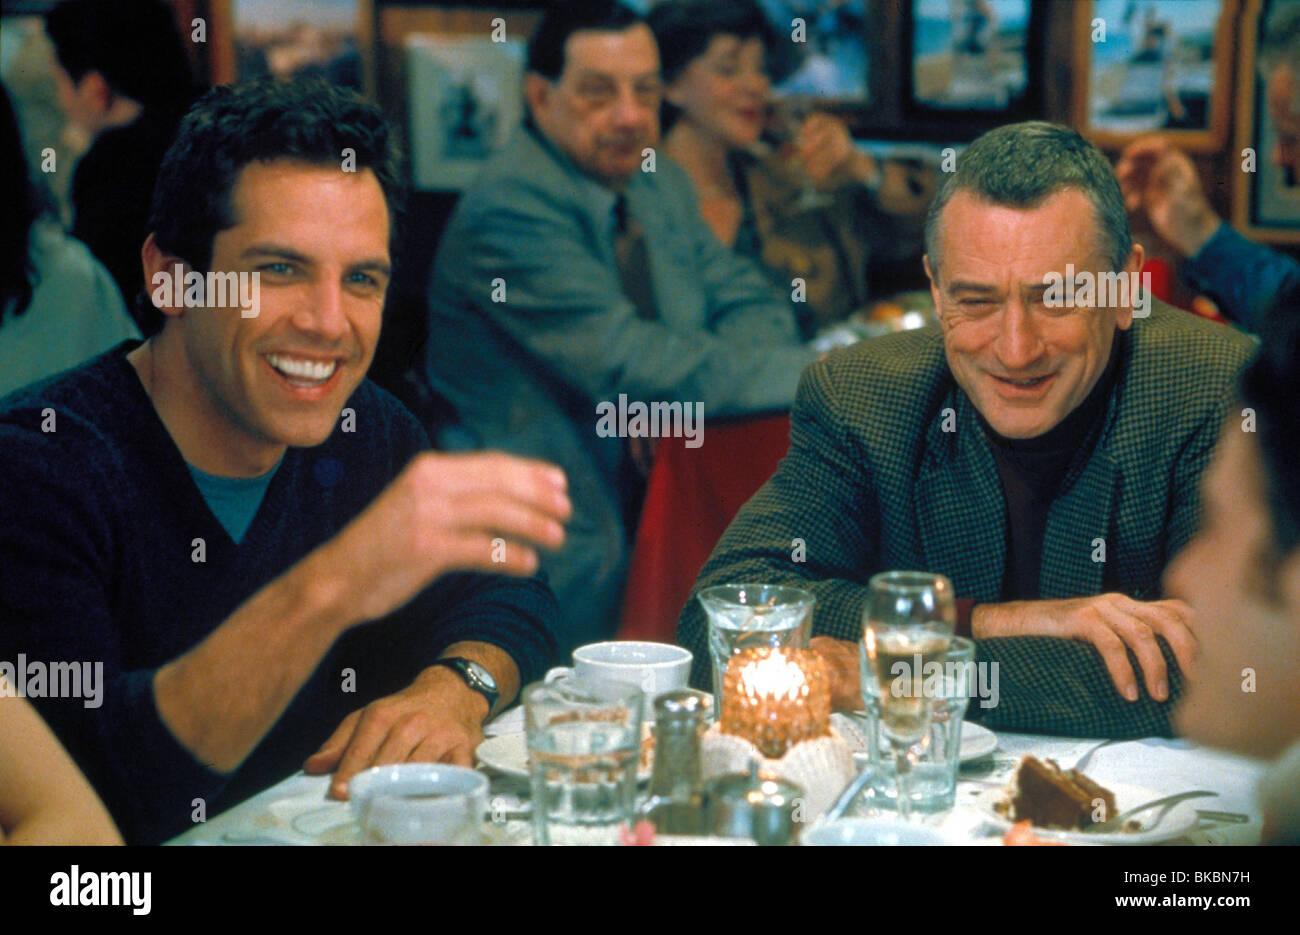 MEET THE PARENTS (2000) BEN STILLER, ROBERT DE NIRO MEET 077 - Stock Image